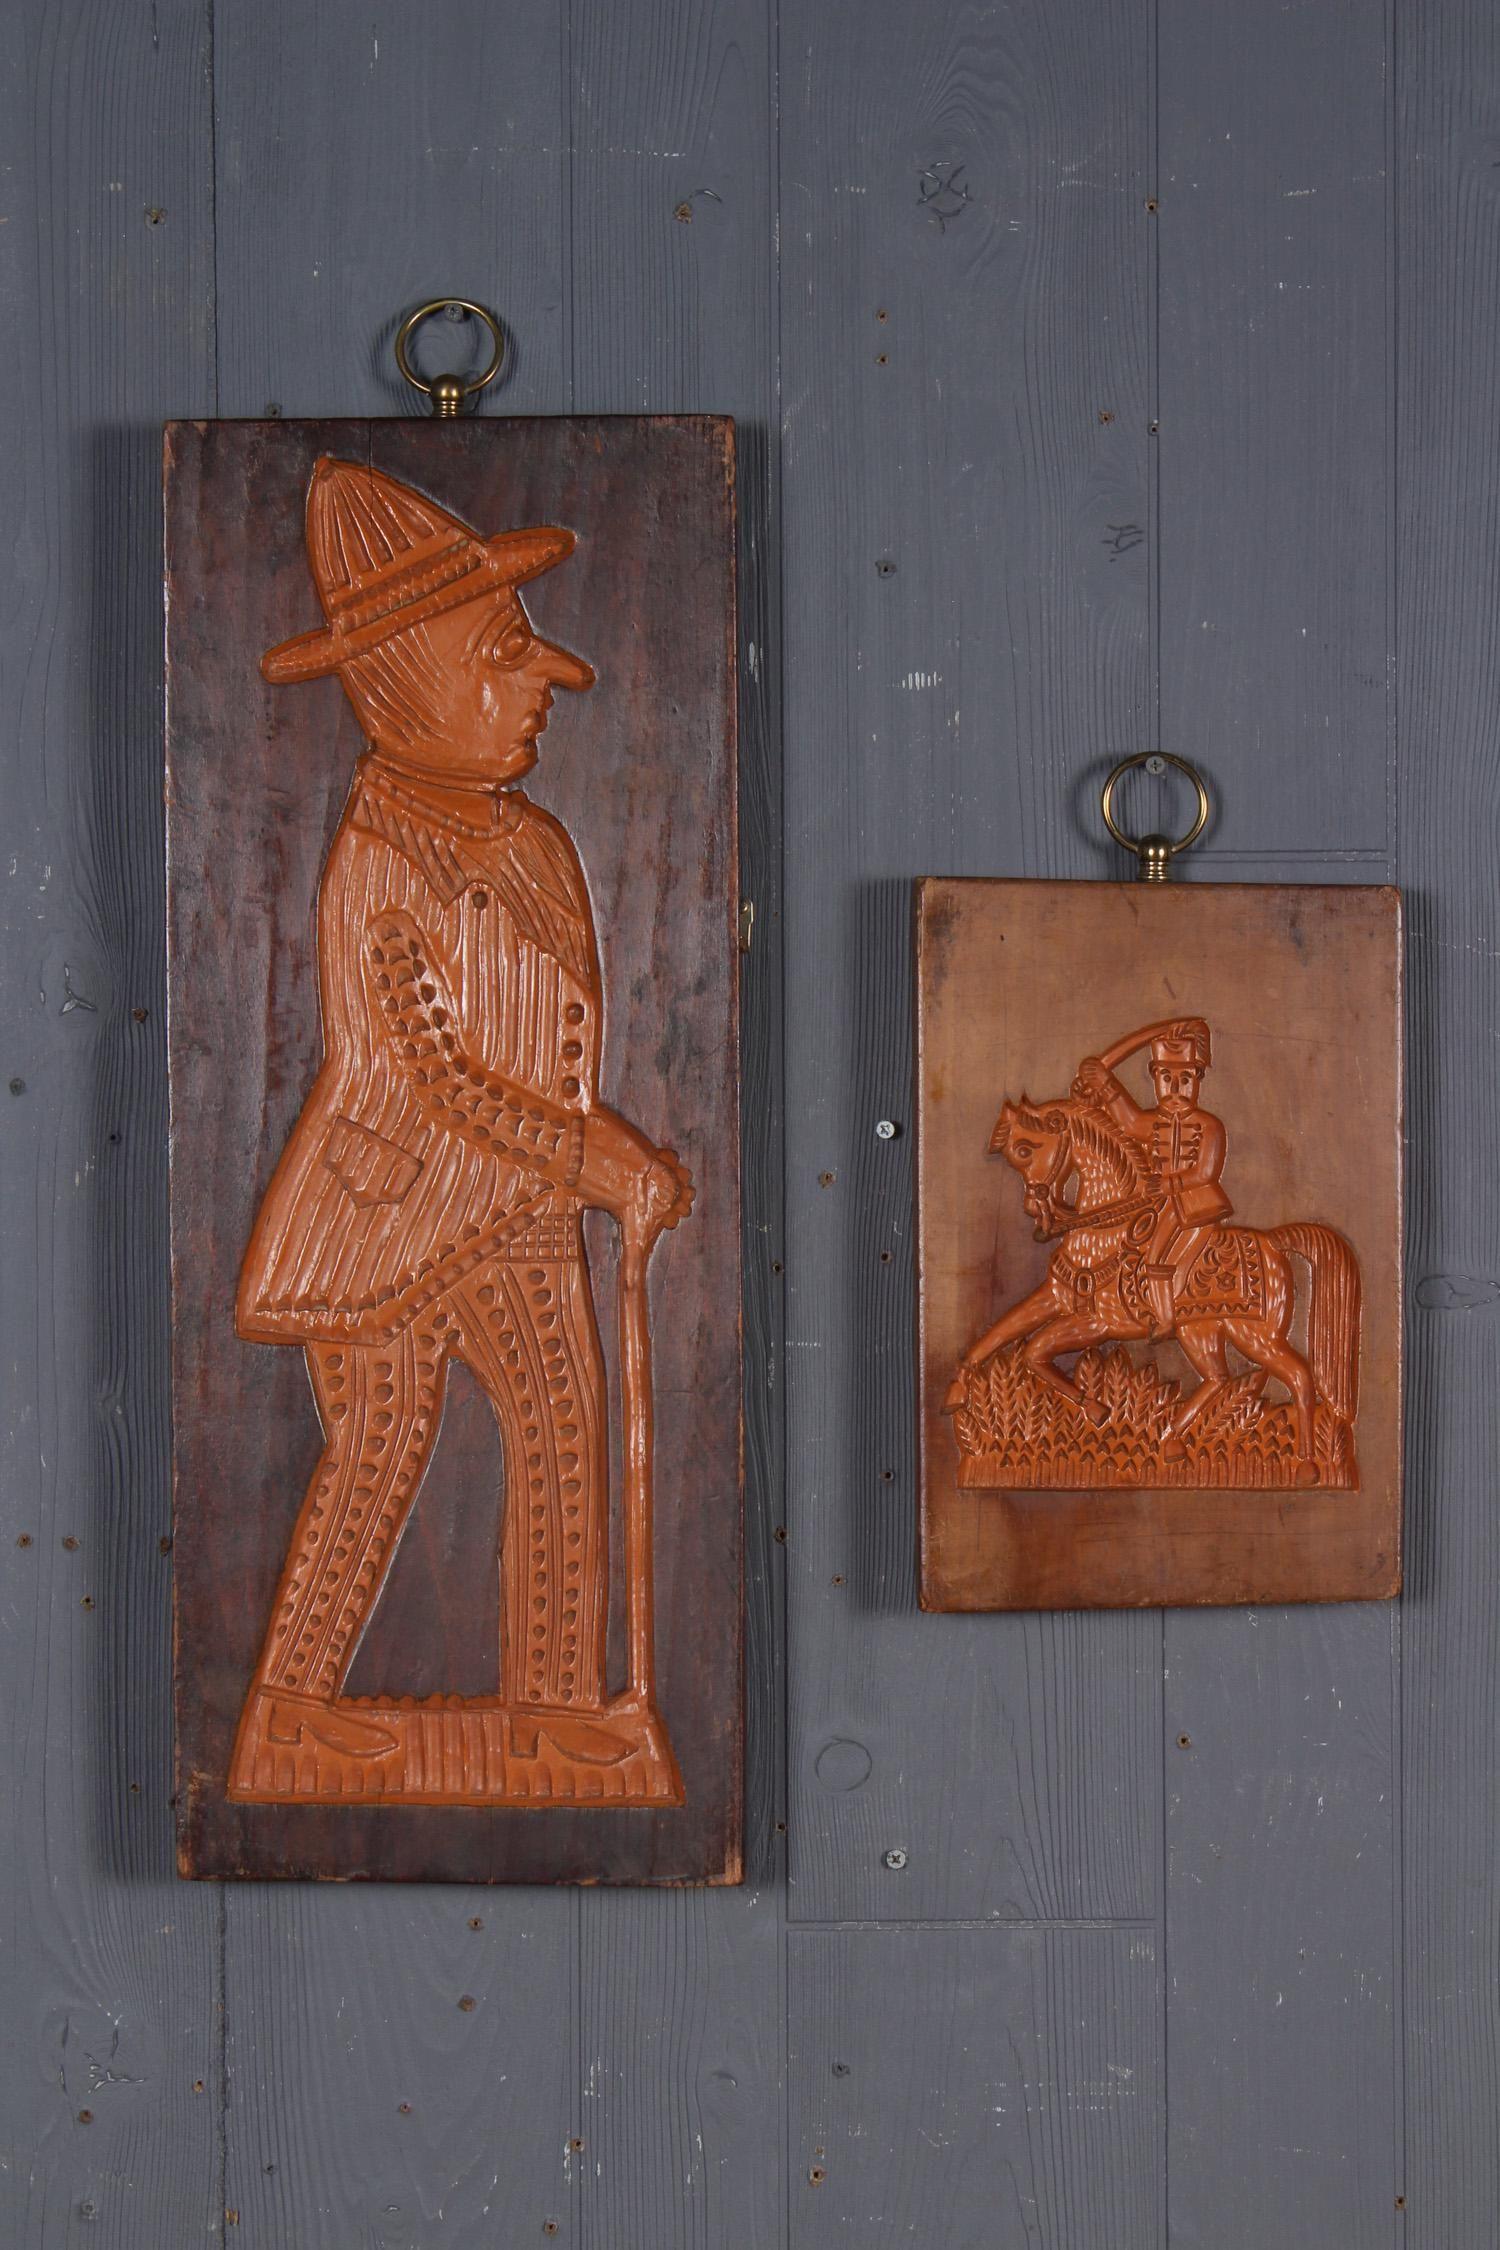 2 Antique Springerle Boards